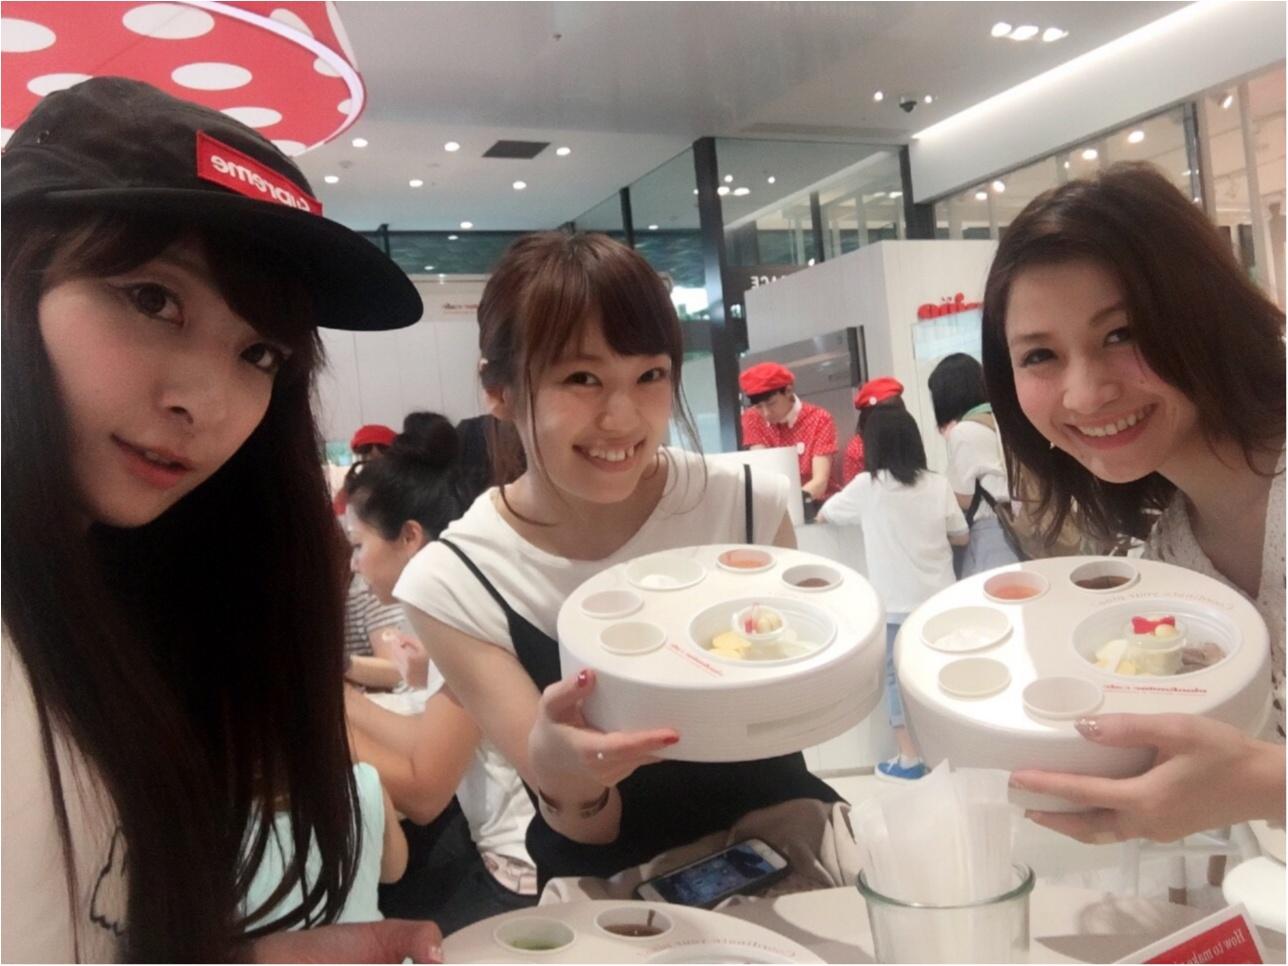 アイスの『pino』がつくった【ピノフォンデュカフェ】今年も東急プラザ表参道原宿3Fにオープン!大阪も今週末オープン✨≪samenyan≫_17